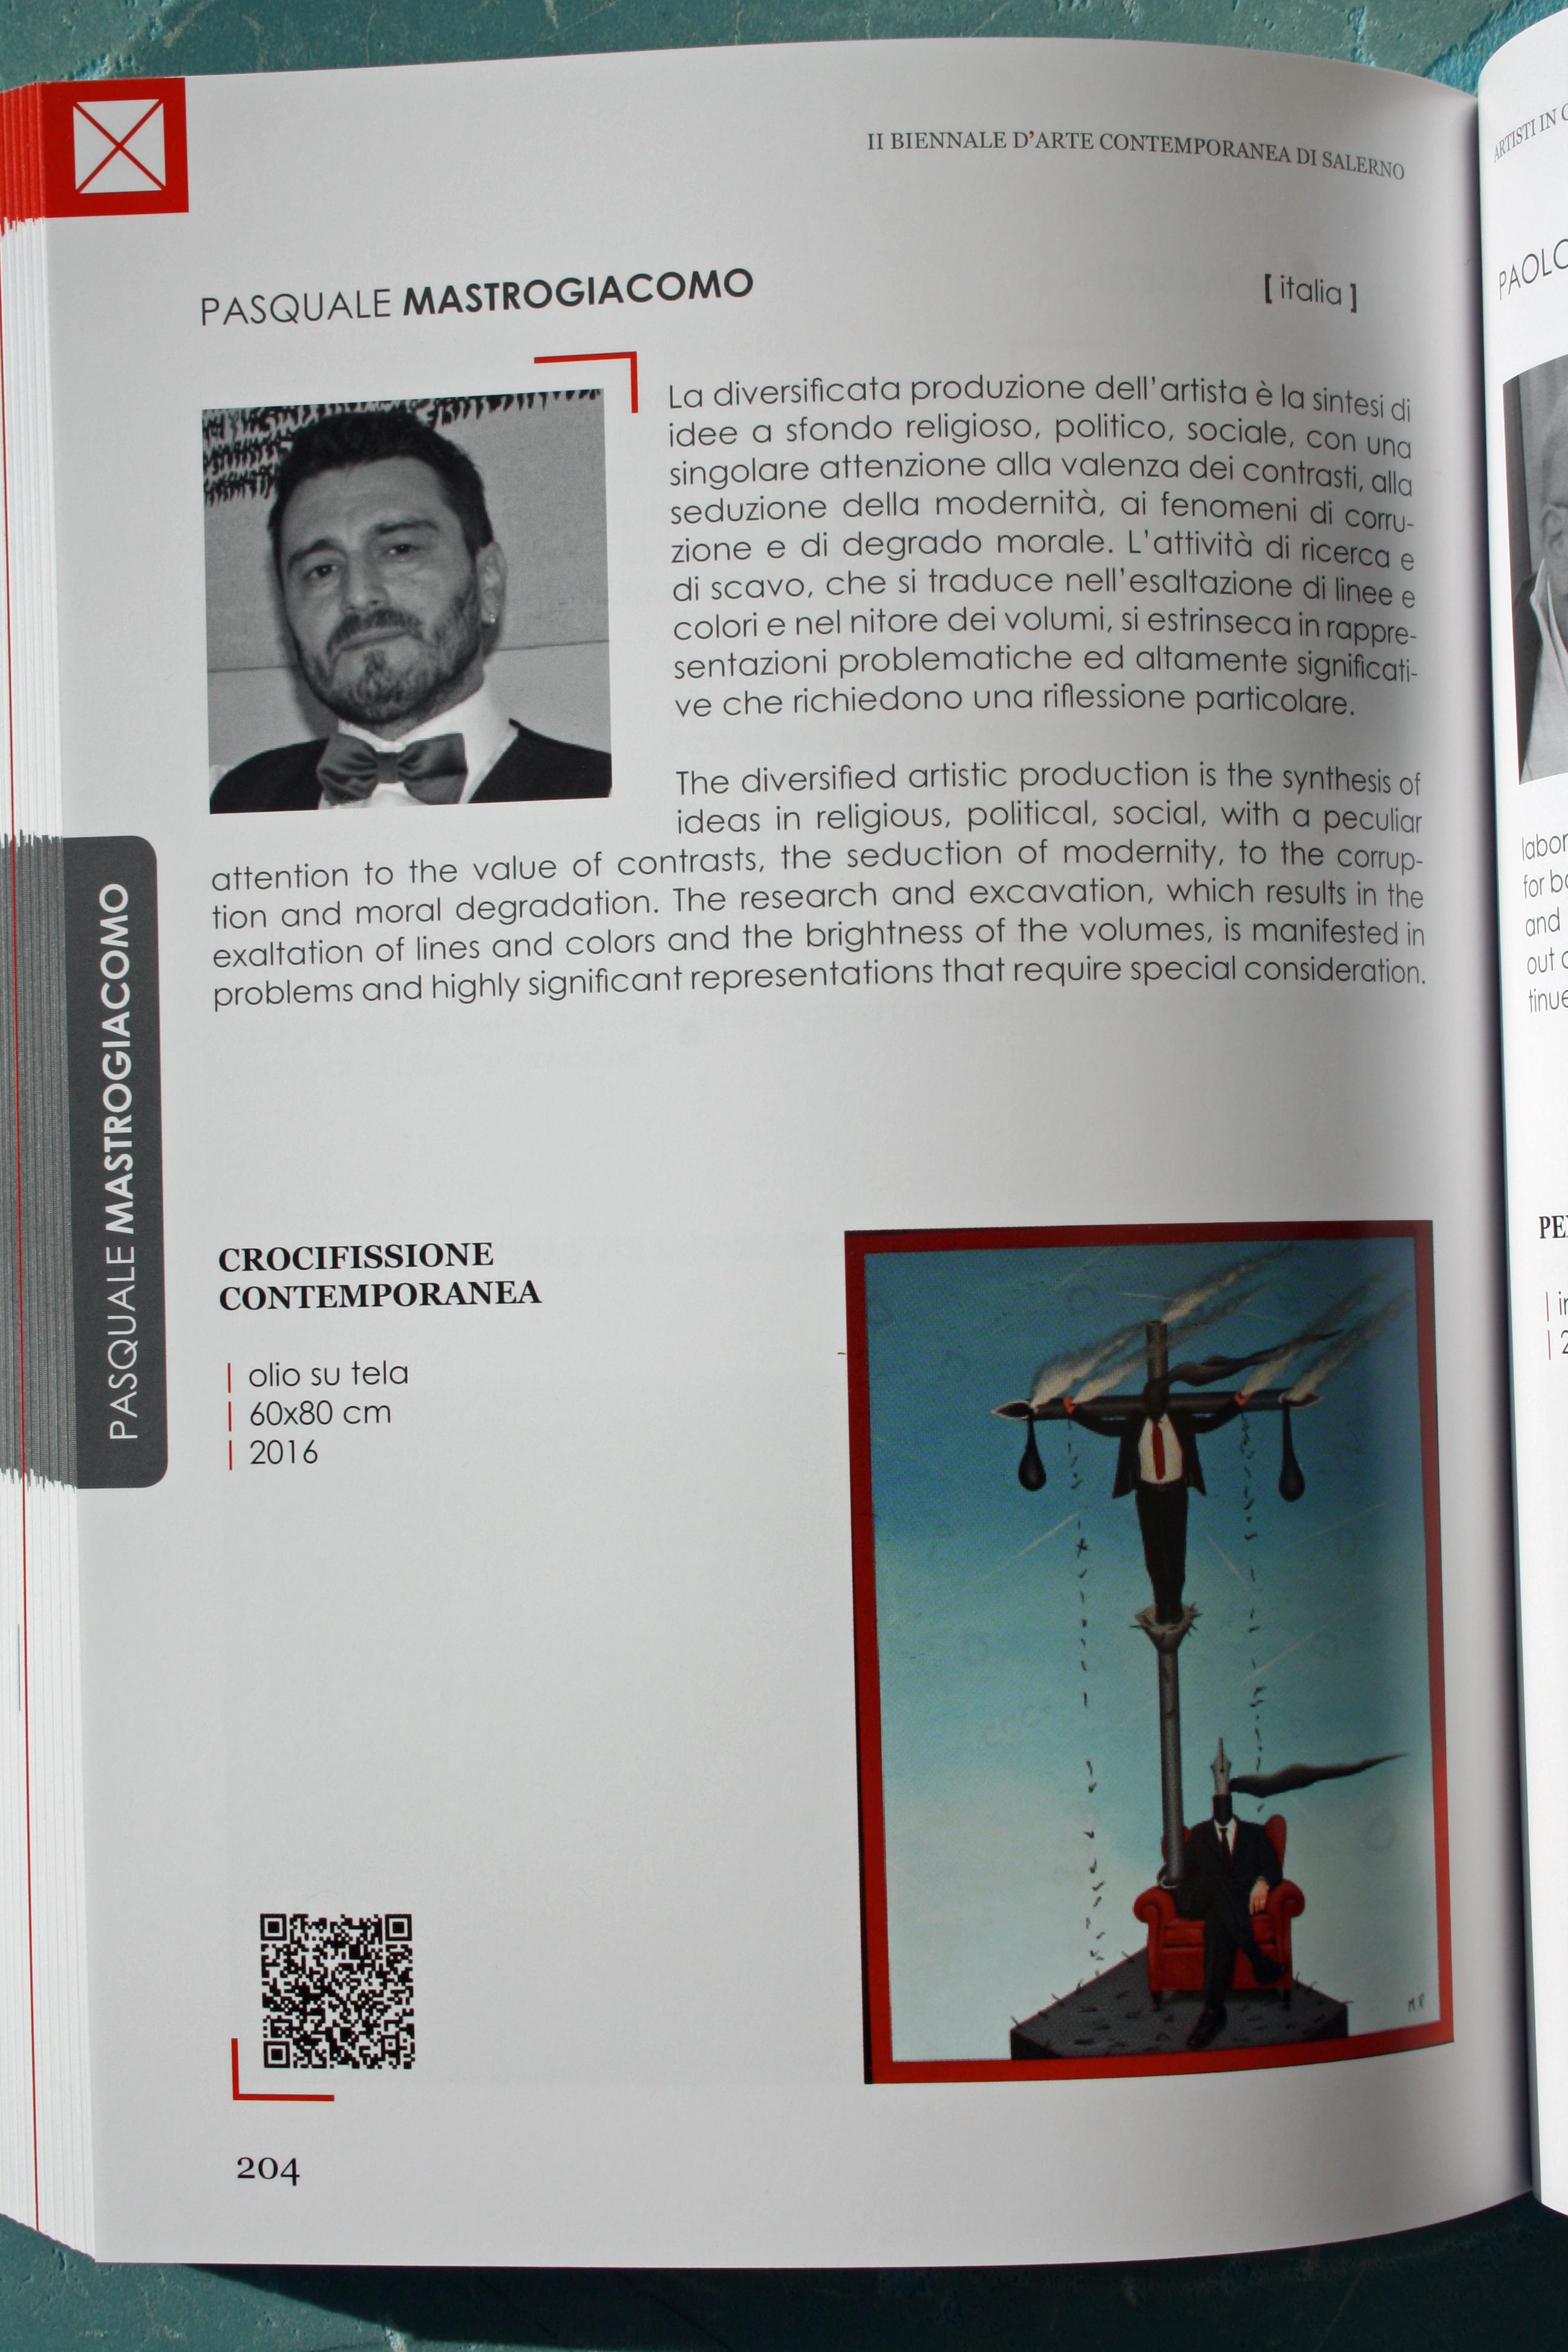 Biennale D'Arte Contemporanea di Salerno 2016. Pasquale Mastrogiacomo